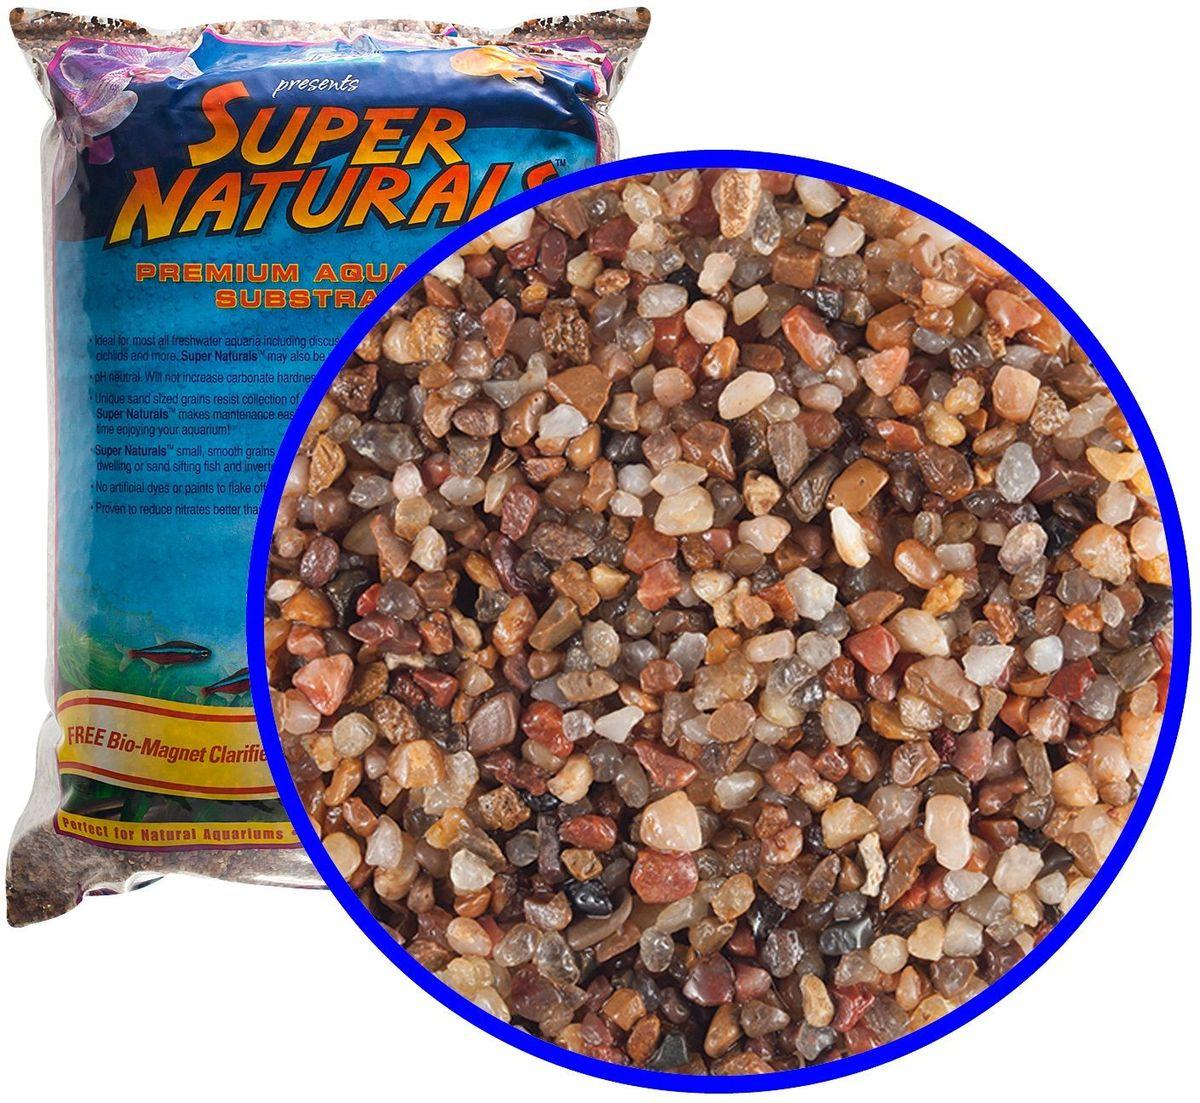 Аквагрунт пресноводный Caribsea Pease River, цвет: мульти, 1-2 мм, 9 кг12171996Пресноводный аквагрунт Caribsea Pease River - это грунт премиум-класса с гладкими гранулами, безопасными для рыб и не препятствующими сбору отходов. Представляет собой цветной кристаллический песок. Имеет нейтральный уровень pH, не увеличивает карбонатную жесткость. Размер 1-2 мм.